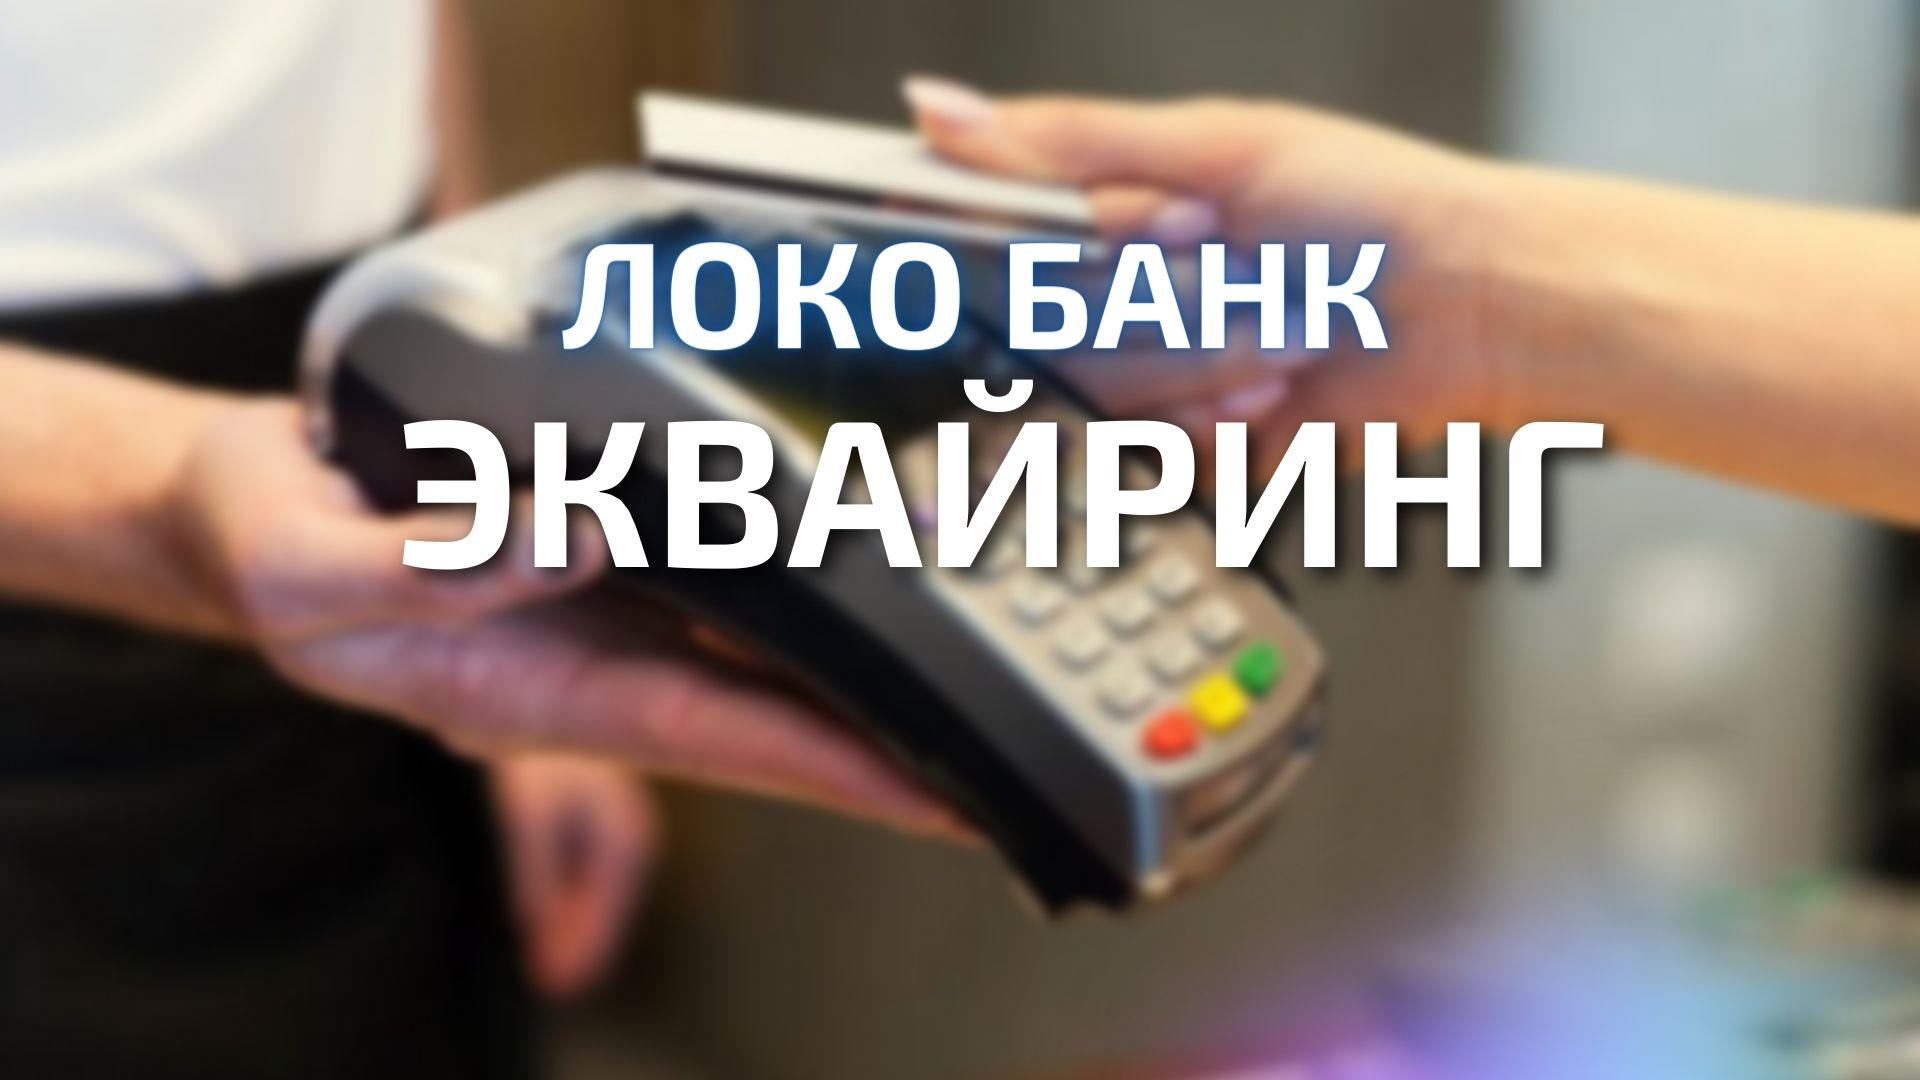 Эквайринг в Локо банке. Тарифы для ИП и ООО